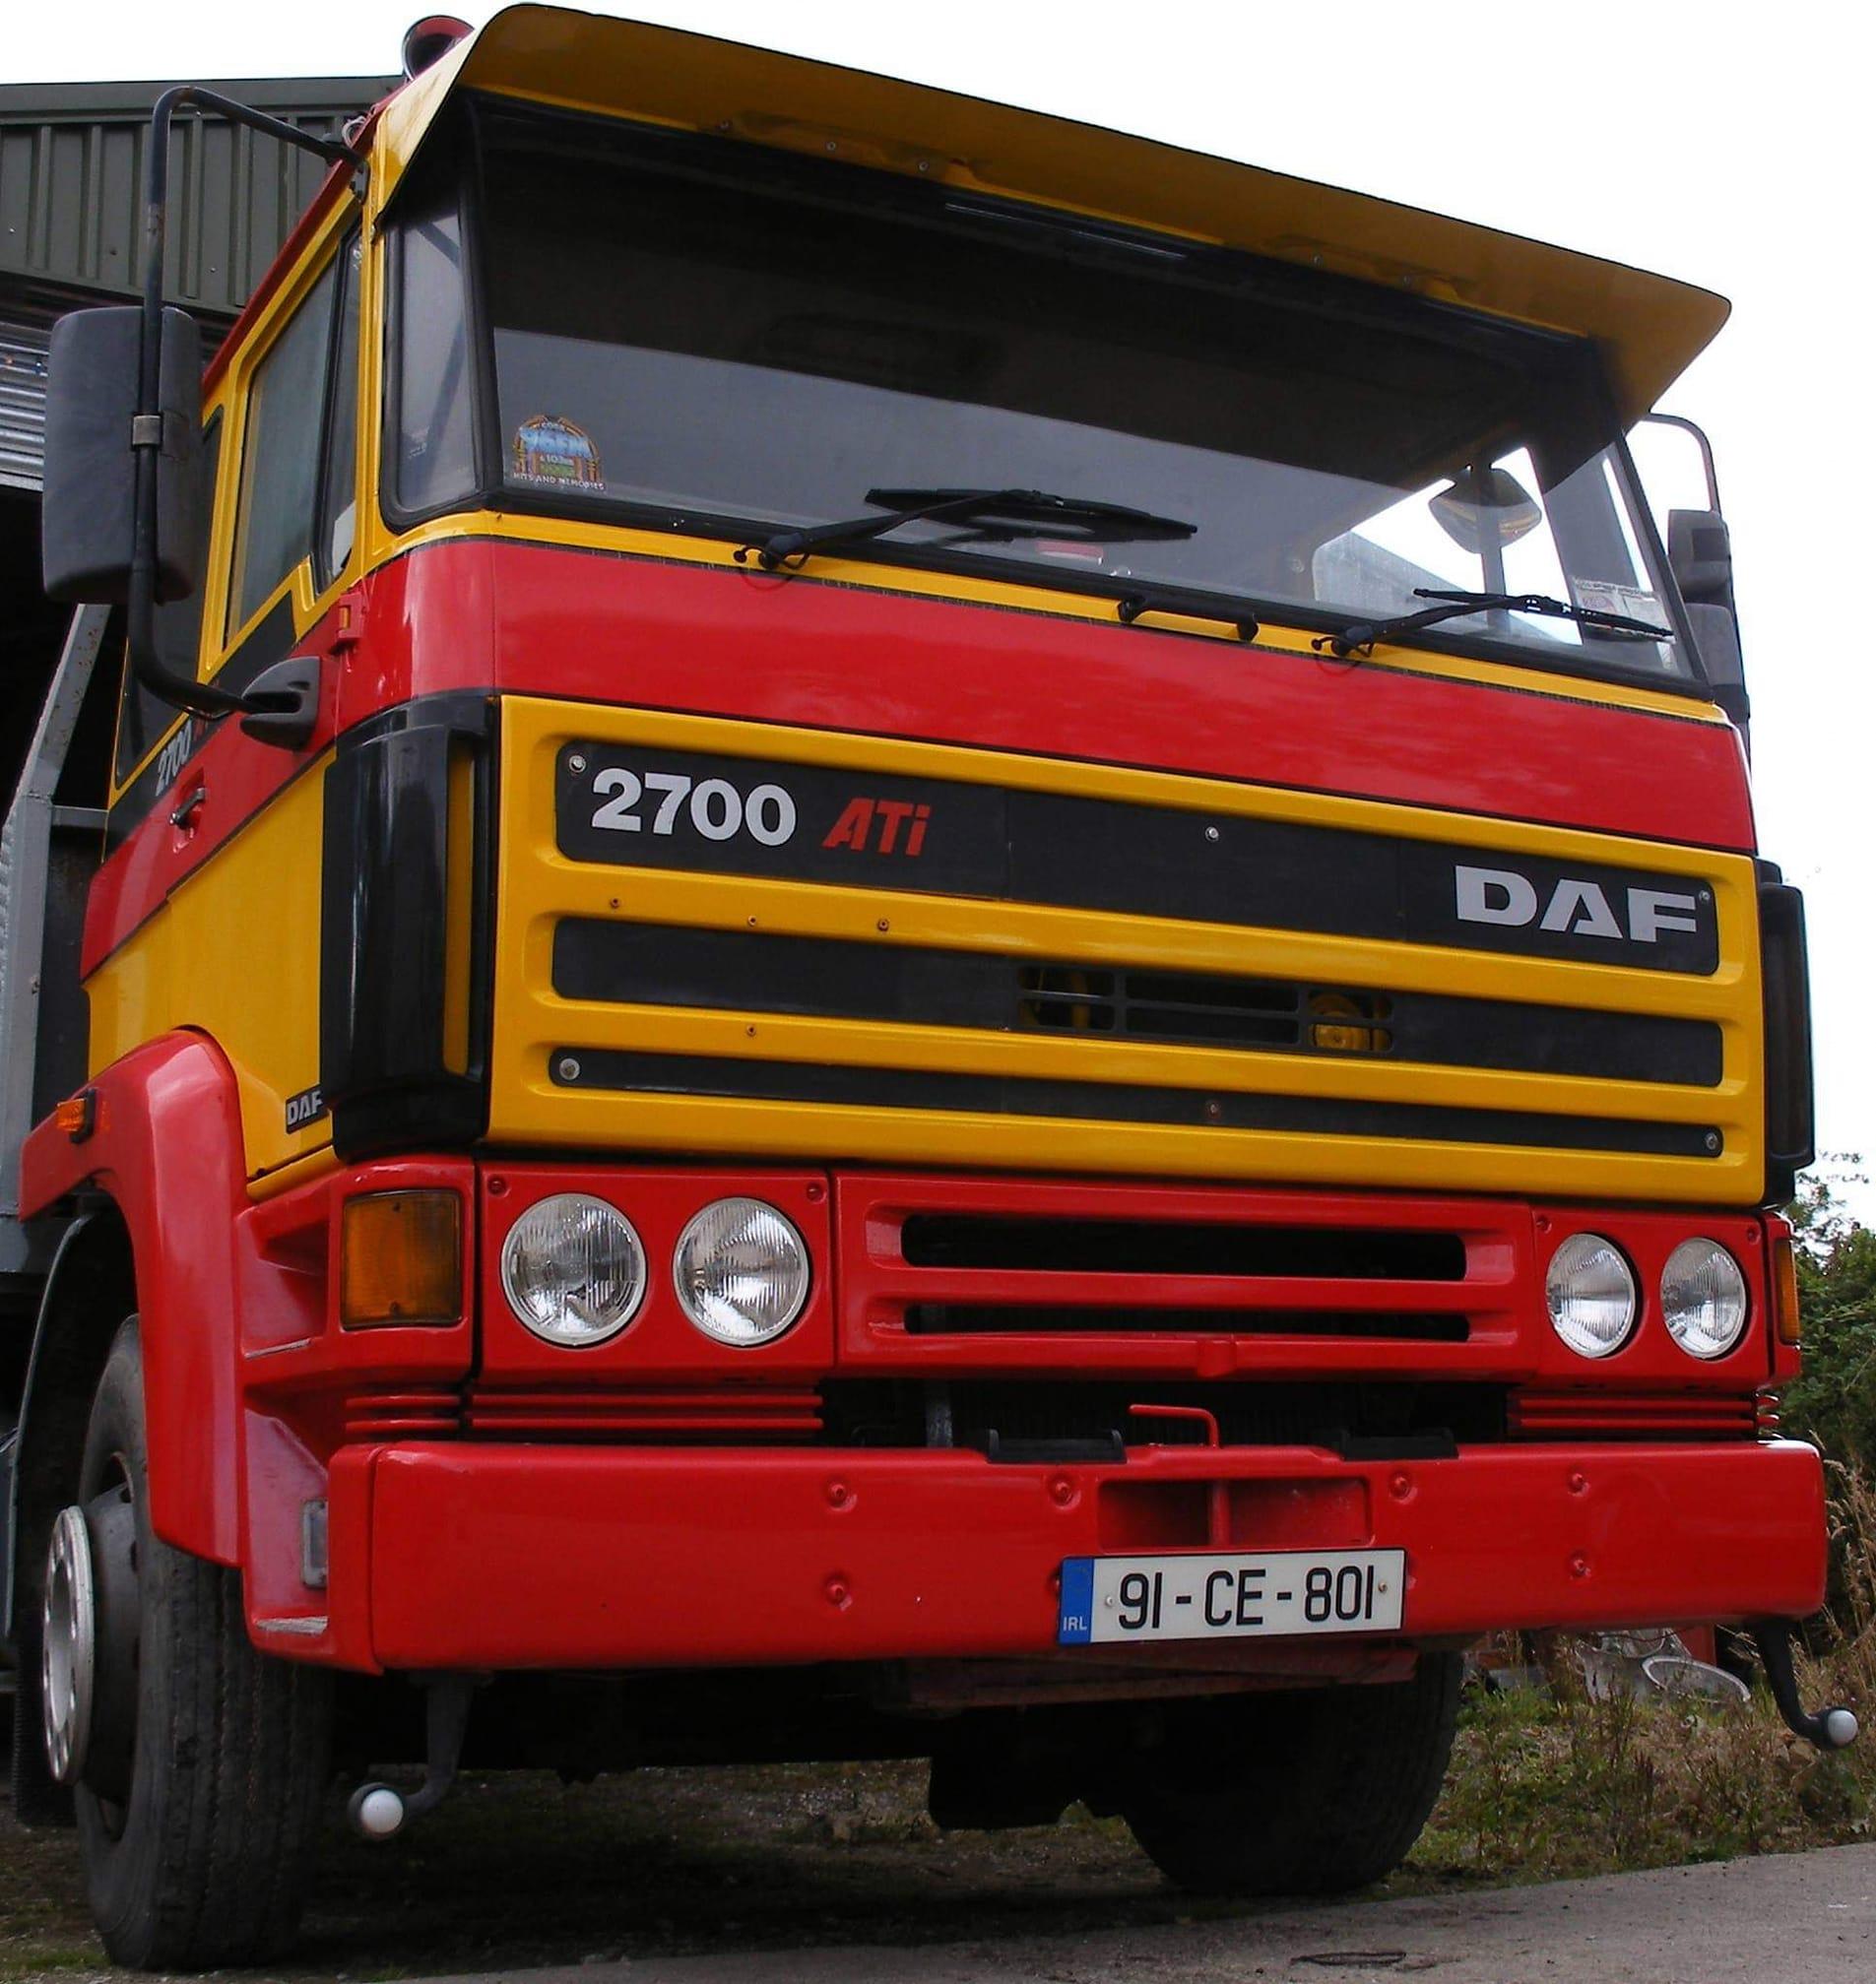 DAF-2700-